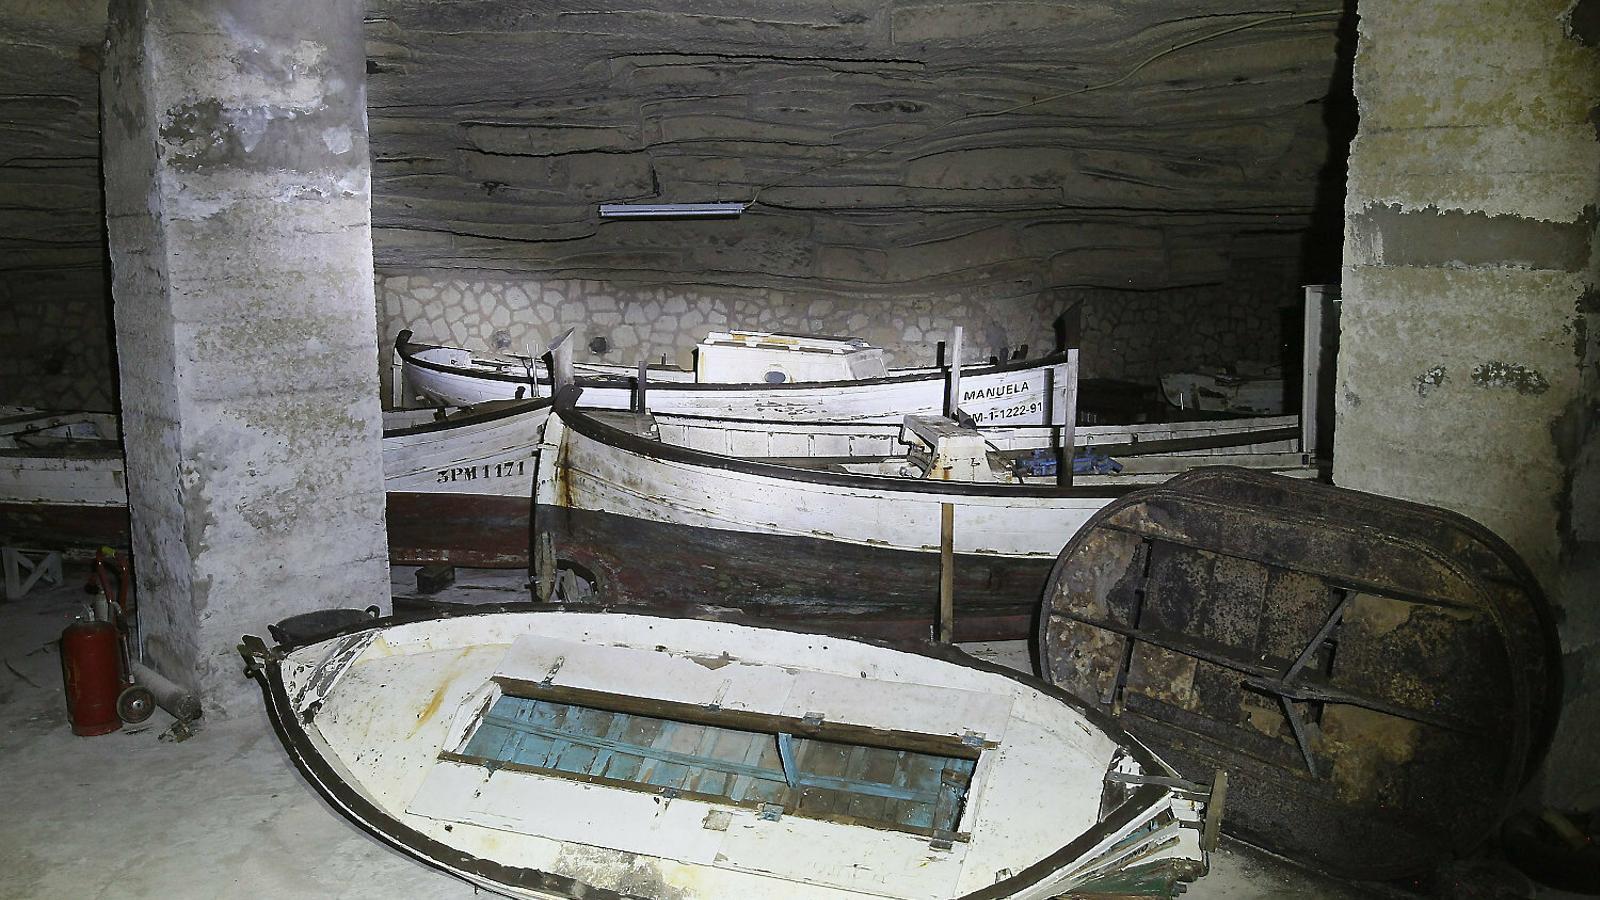 Embarcacions tradicionals guardades a les coves de Bellver, que l'Associació d'Amics del Museu Marítim ha recuperat durant els darrers vint anys arreu de Mallorca